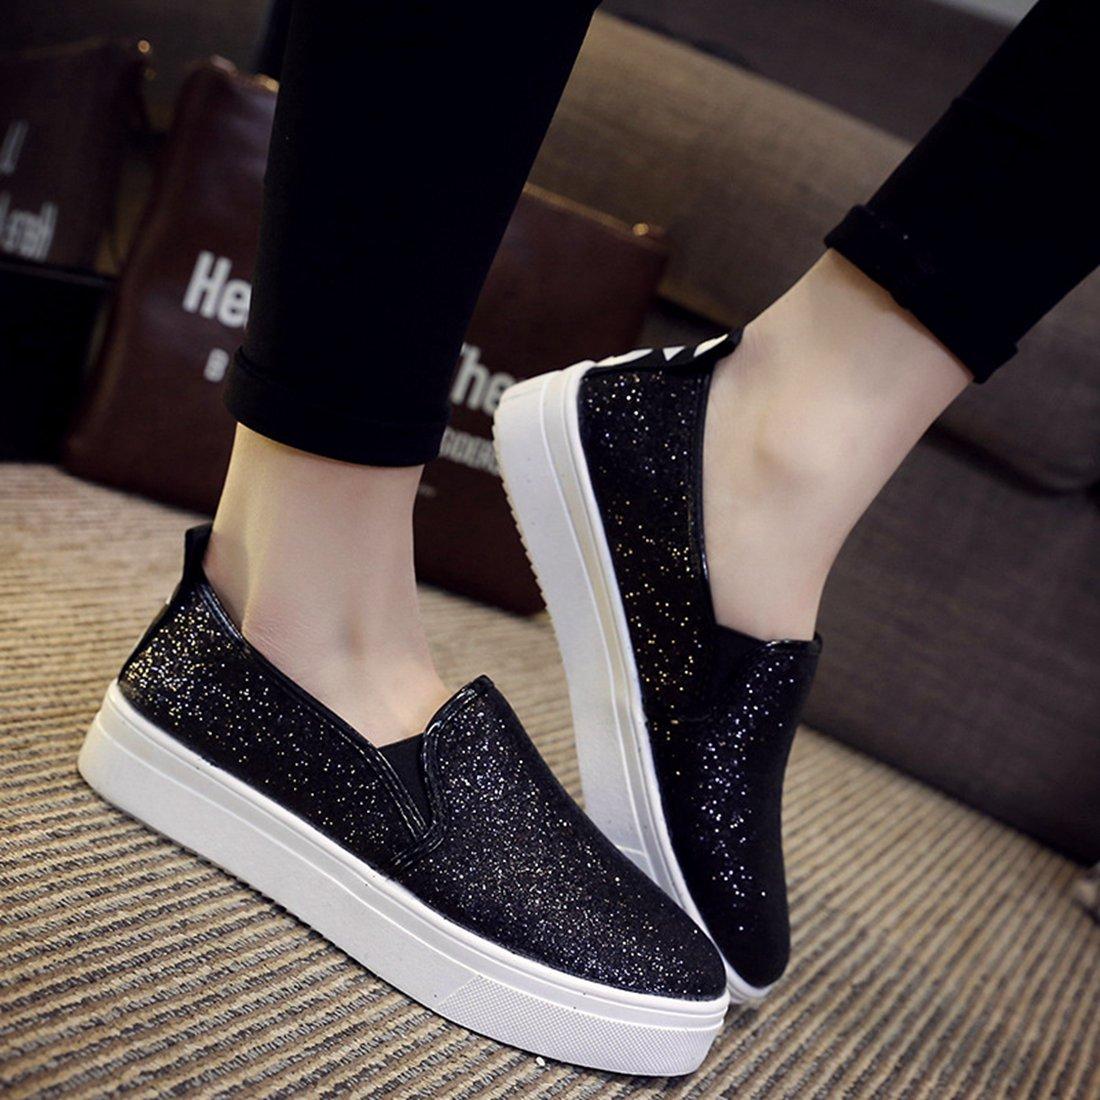 Zapatos de moda Las Mujeres Zapatos Mocasines Pisos Glitter Sequines Nuevos Zapa